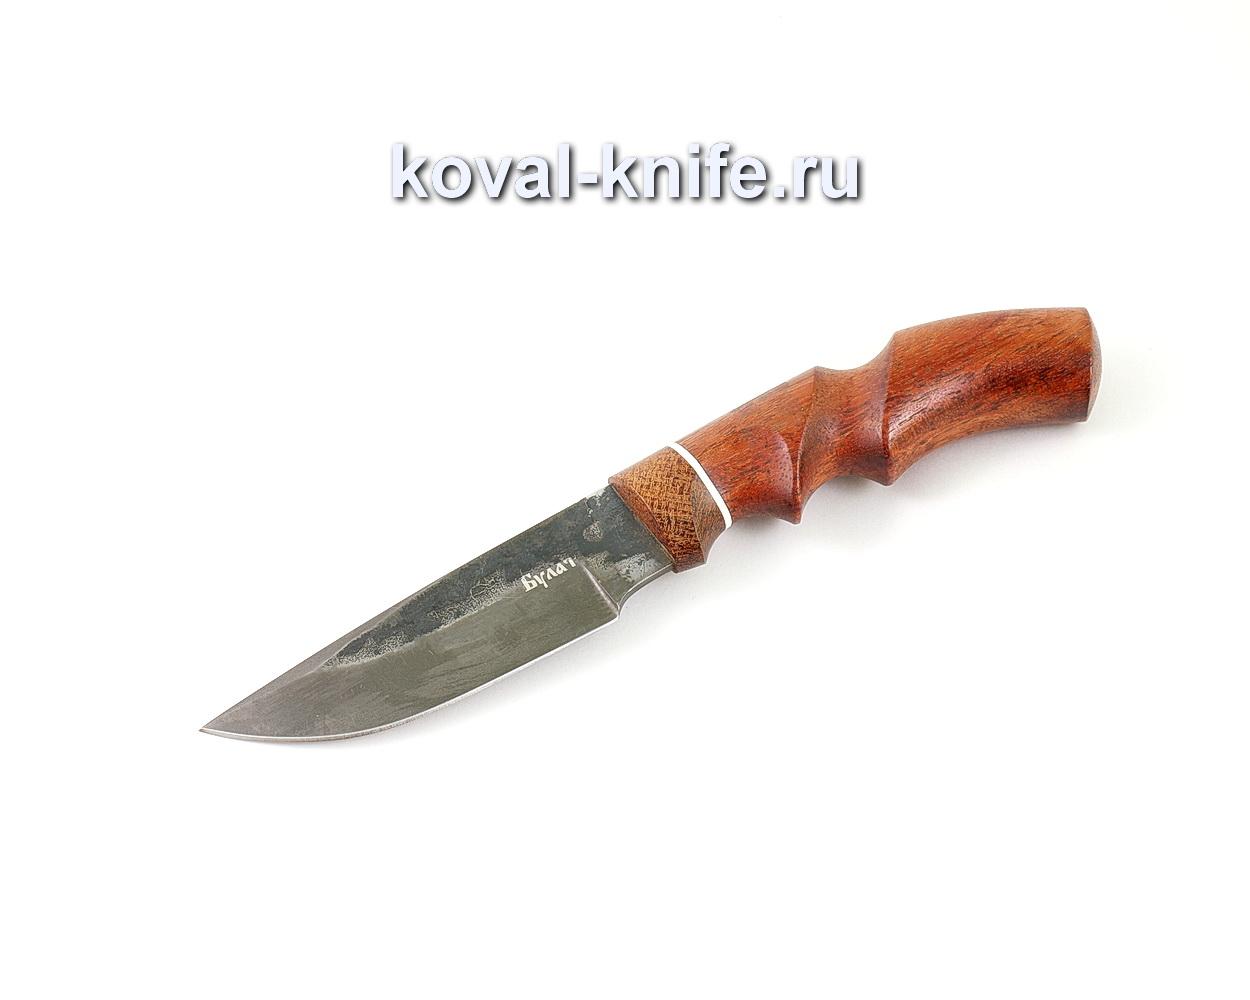 Нож из булатной стали Норвег (Легированный булат, рукоять бубинга и текстолит) A470